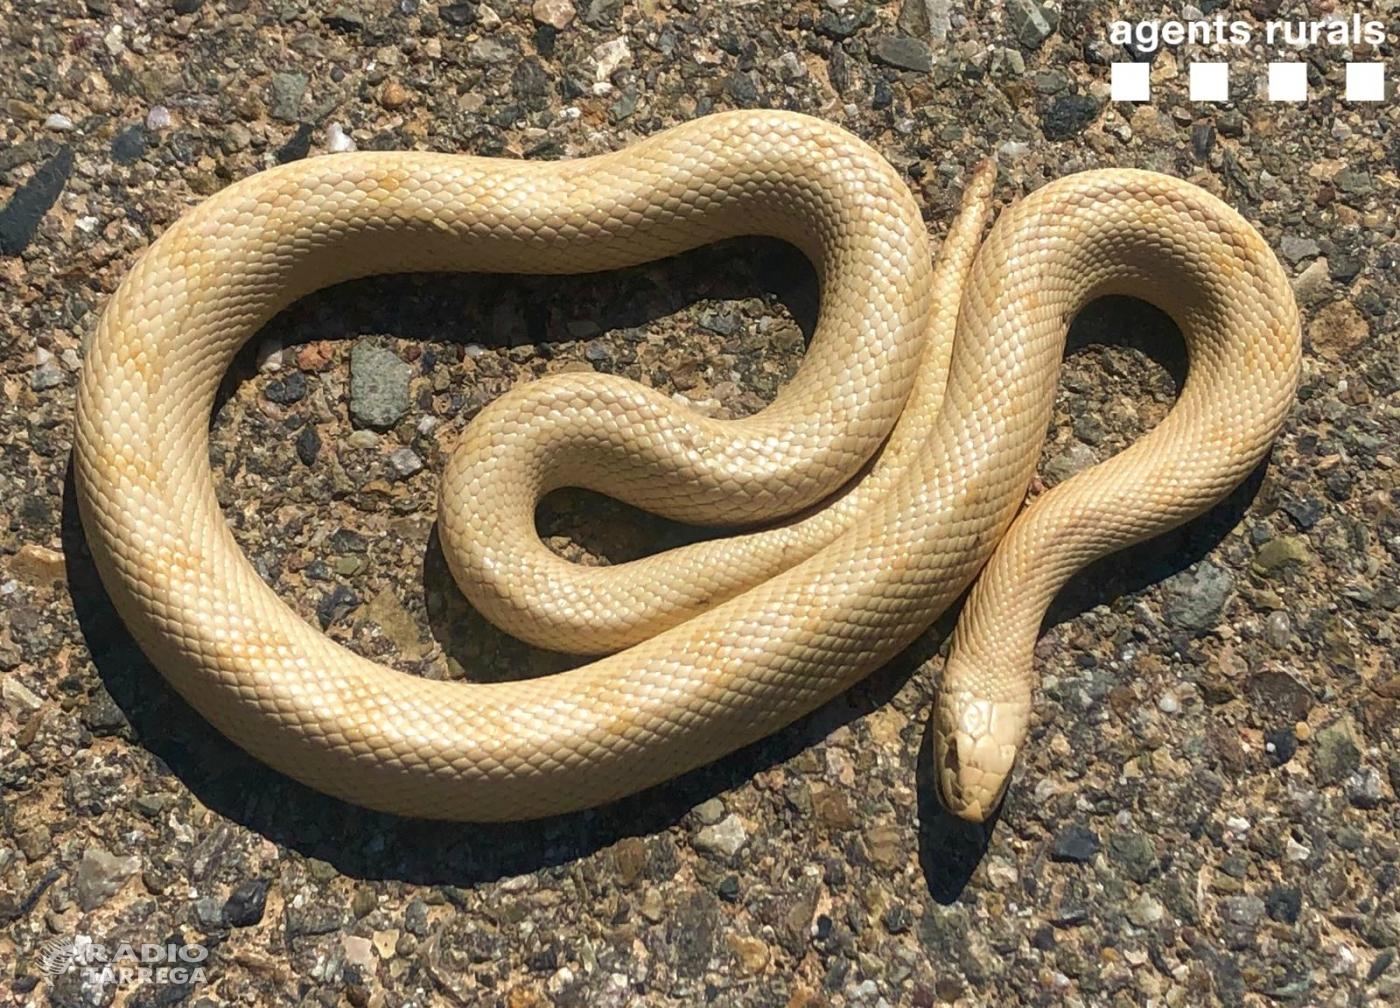 Els Agents Rurals descobreixen un exemplar de serp albina a Vallbona de les Monges